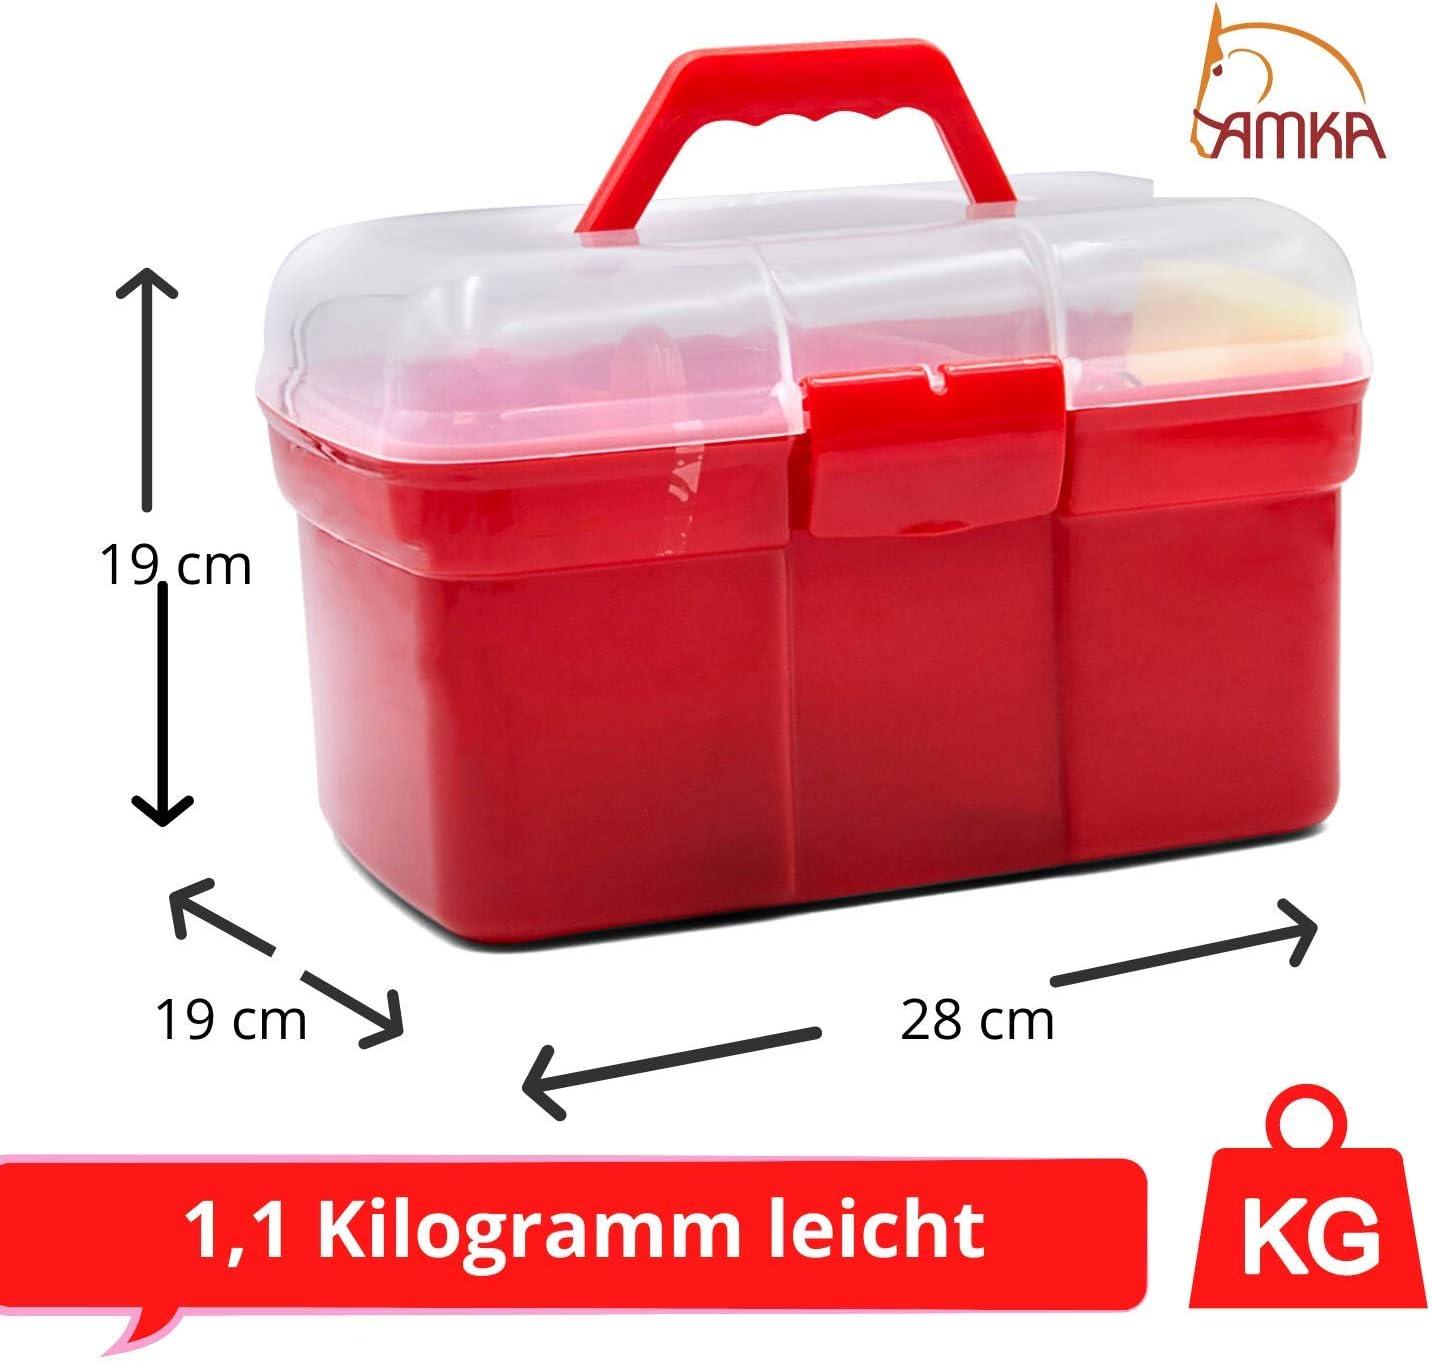 8 Farben zur Auswahl AMKA Putzbox f/ür Kinder Putzkasten Putzkoffer gef/üllt 7 Teile